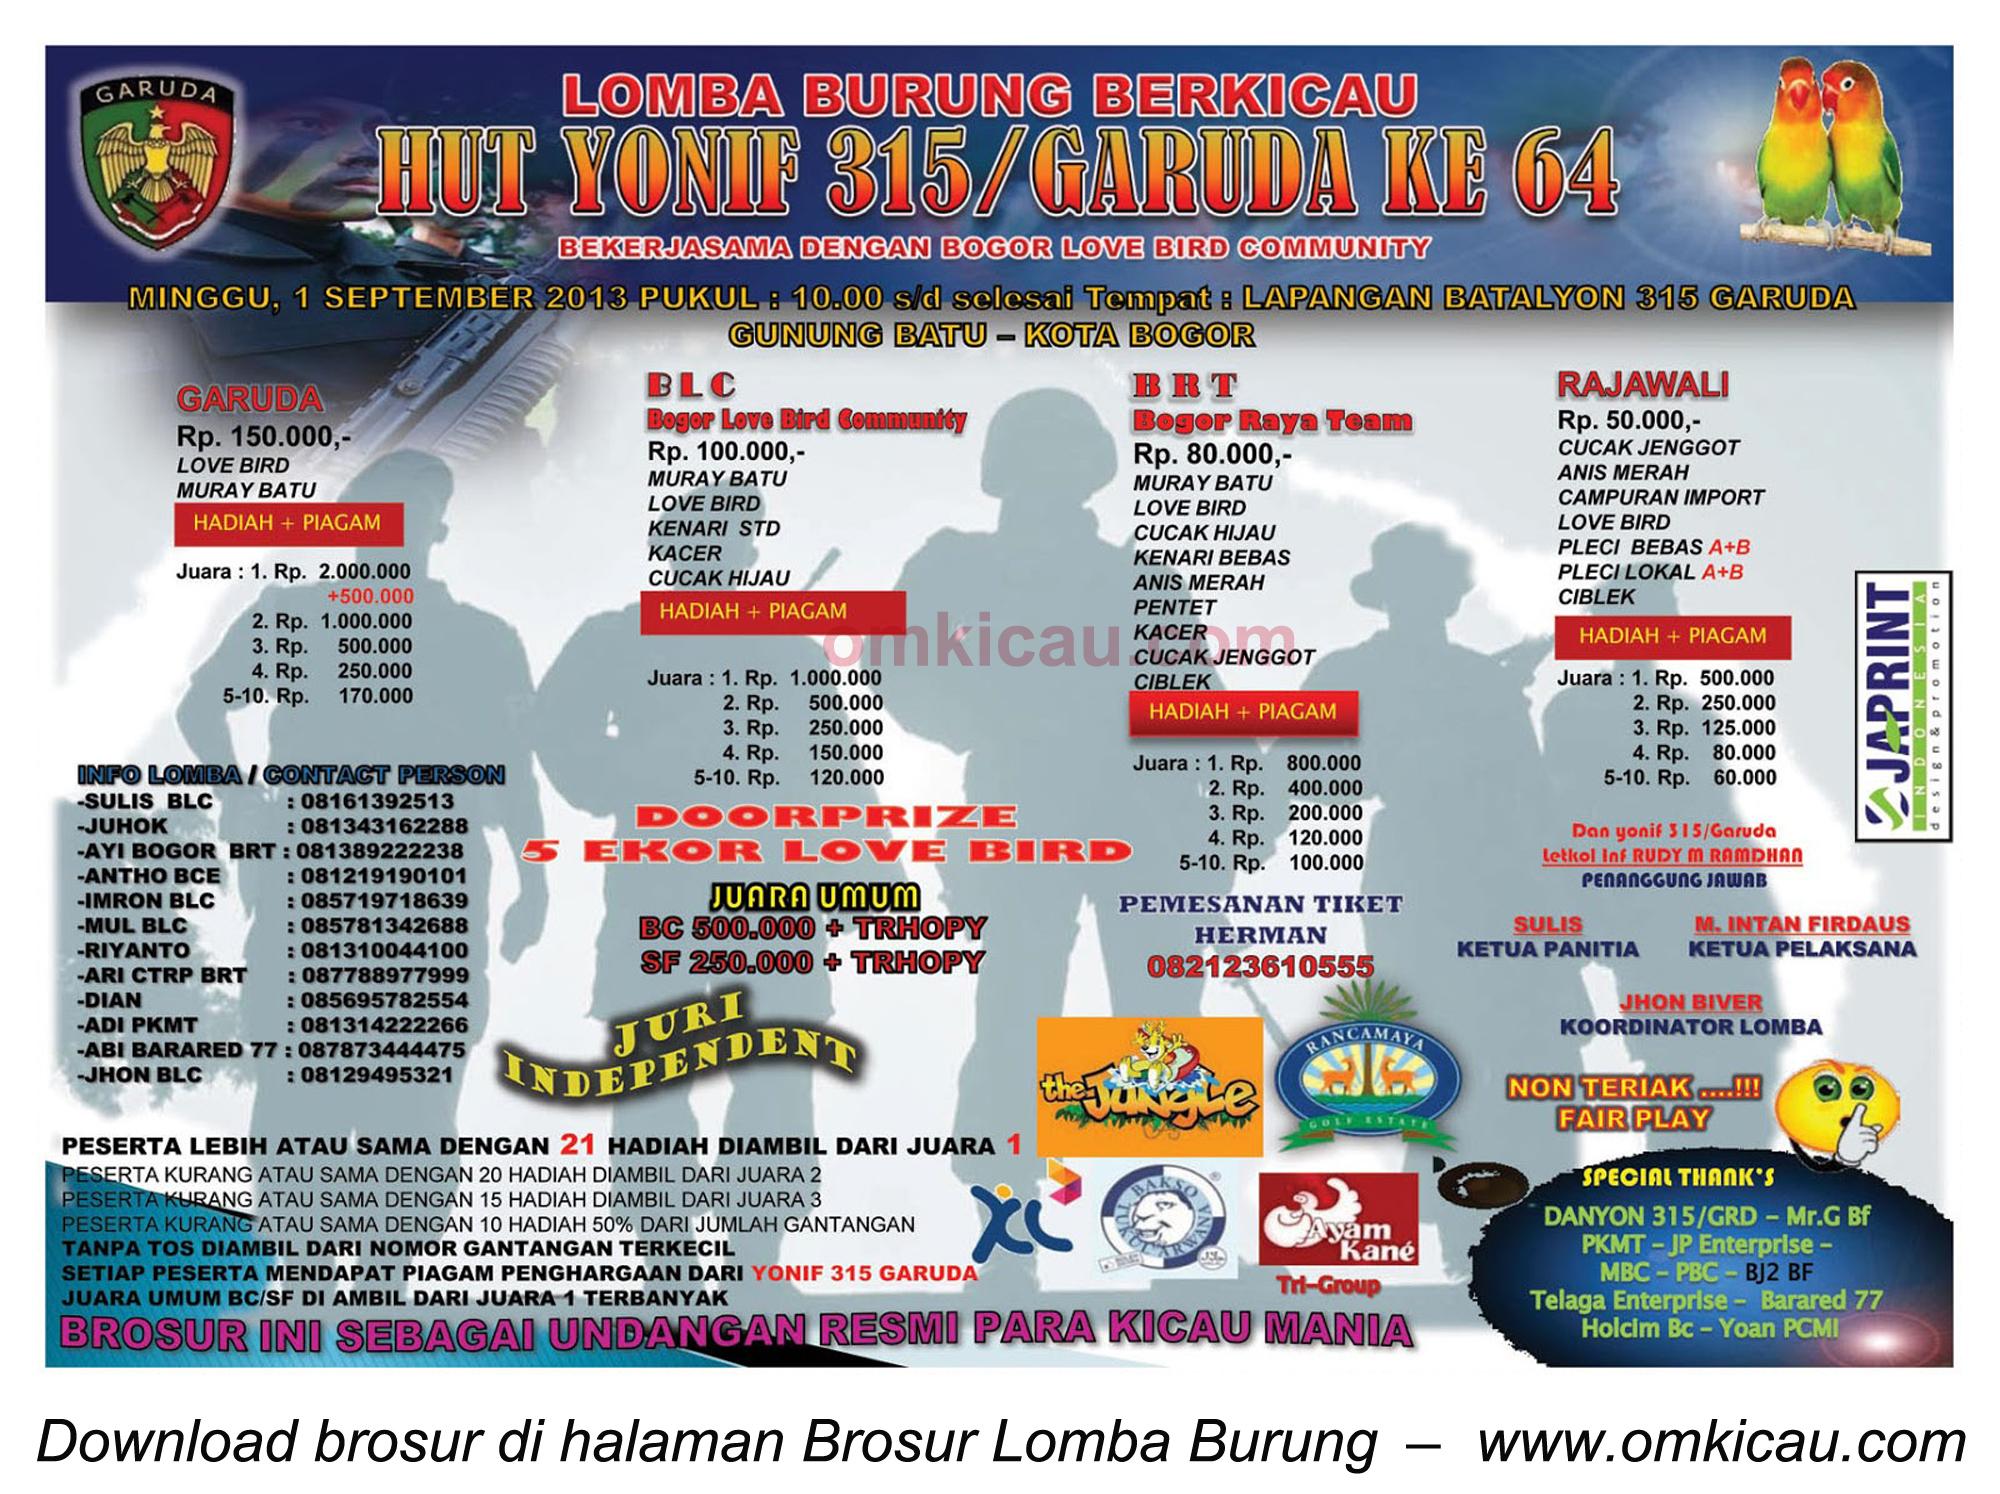 Brosur Lomba Burung Berkicau HUT Yonif 315, Bogor, 1 Sept 2013